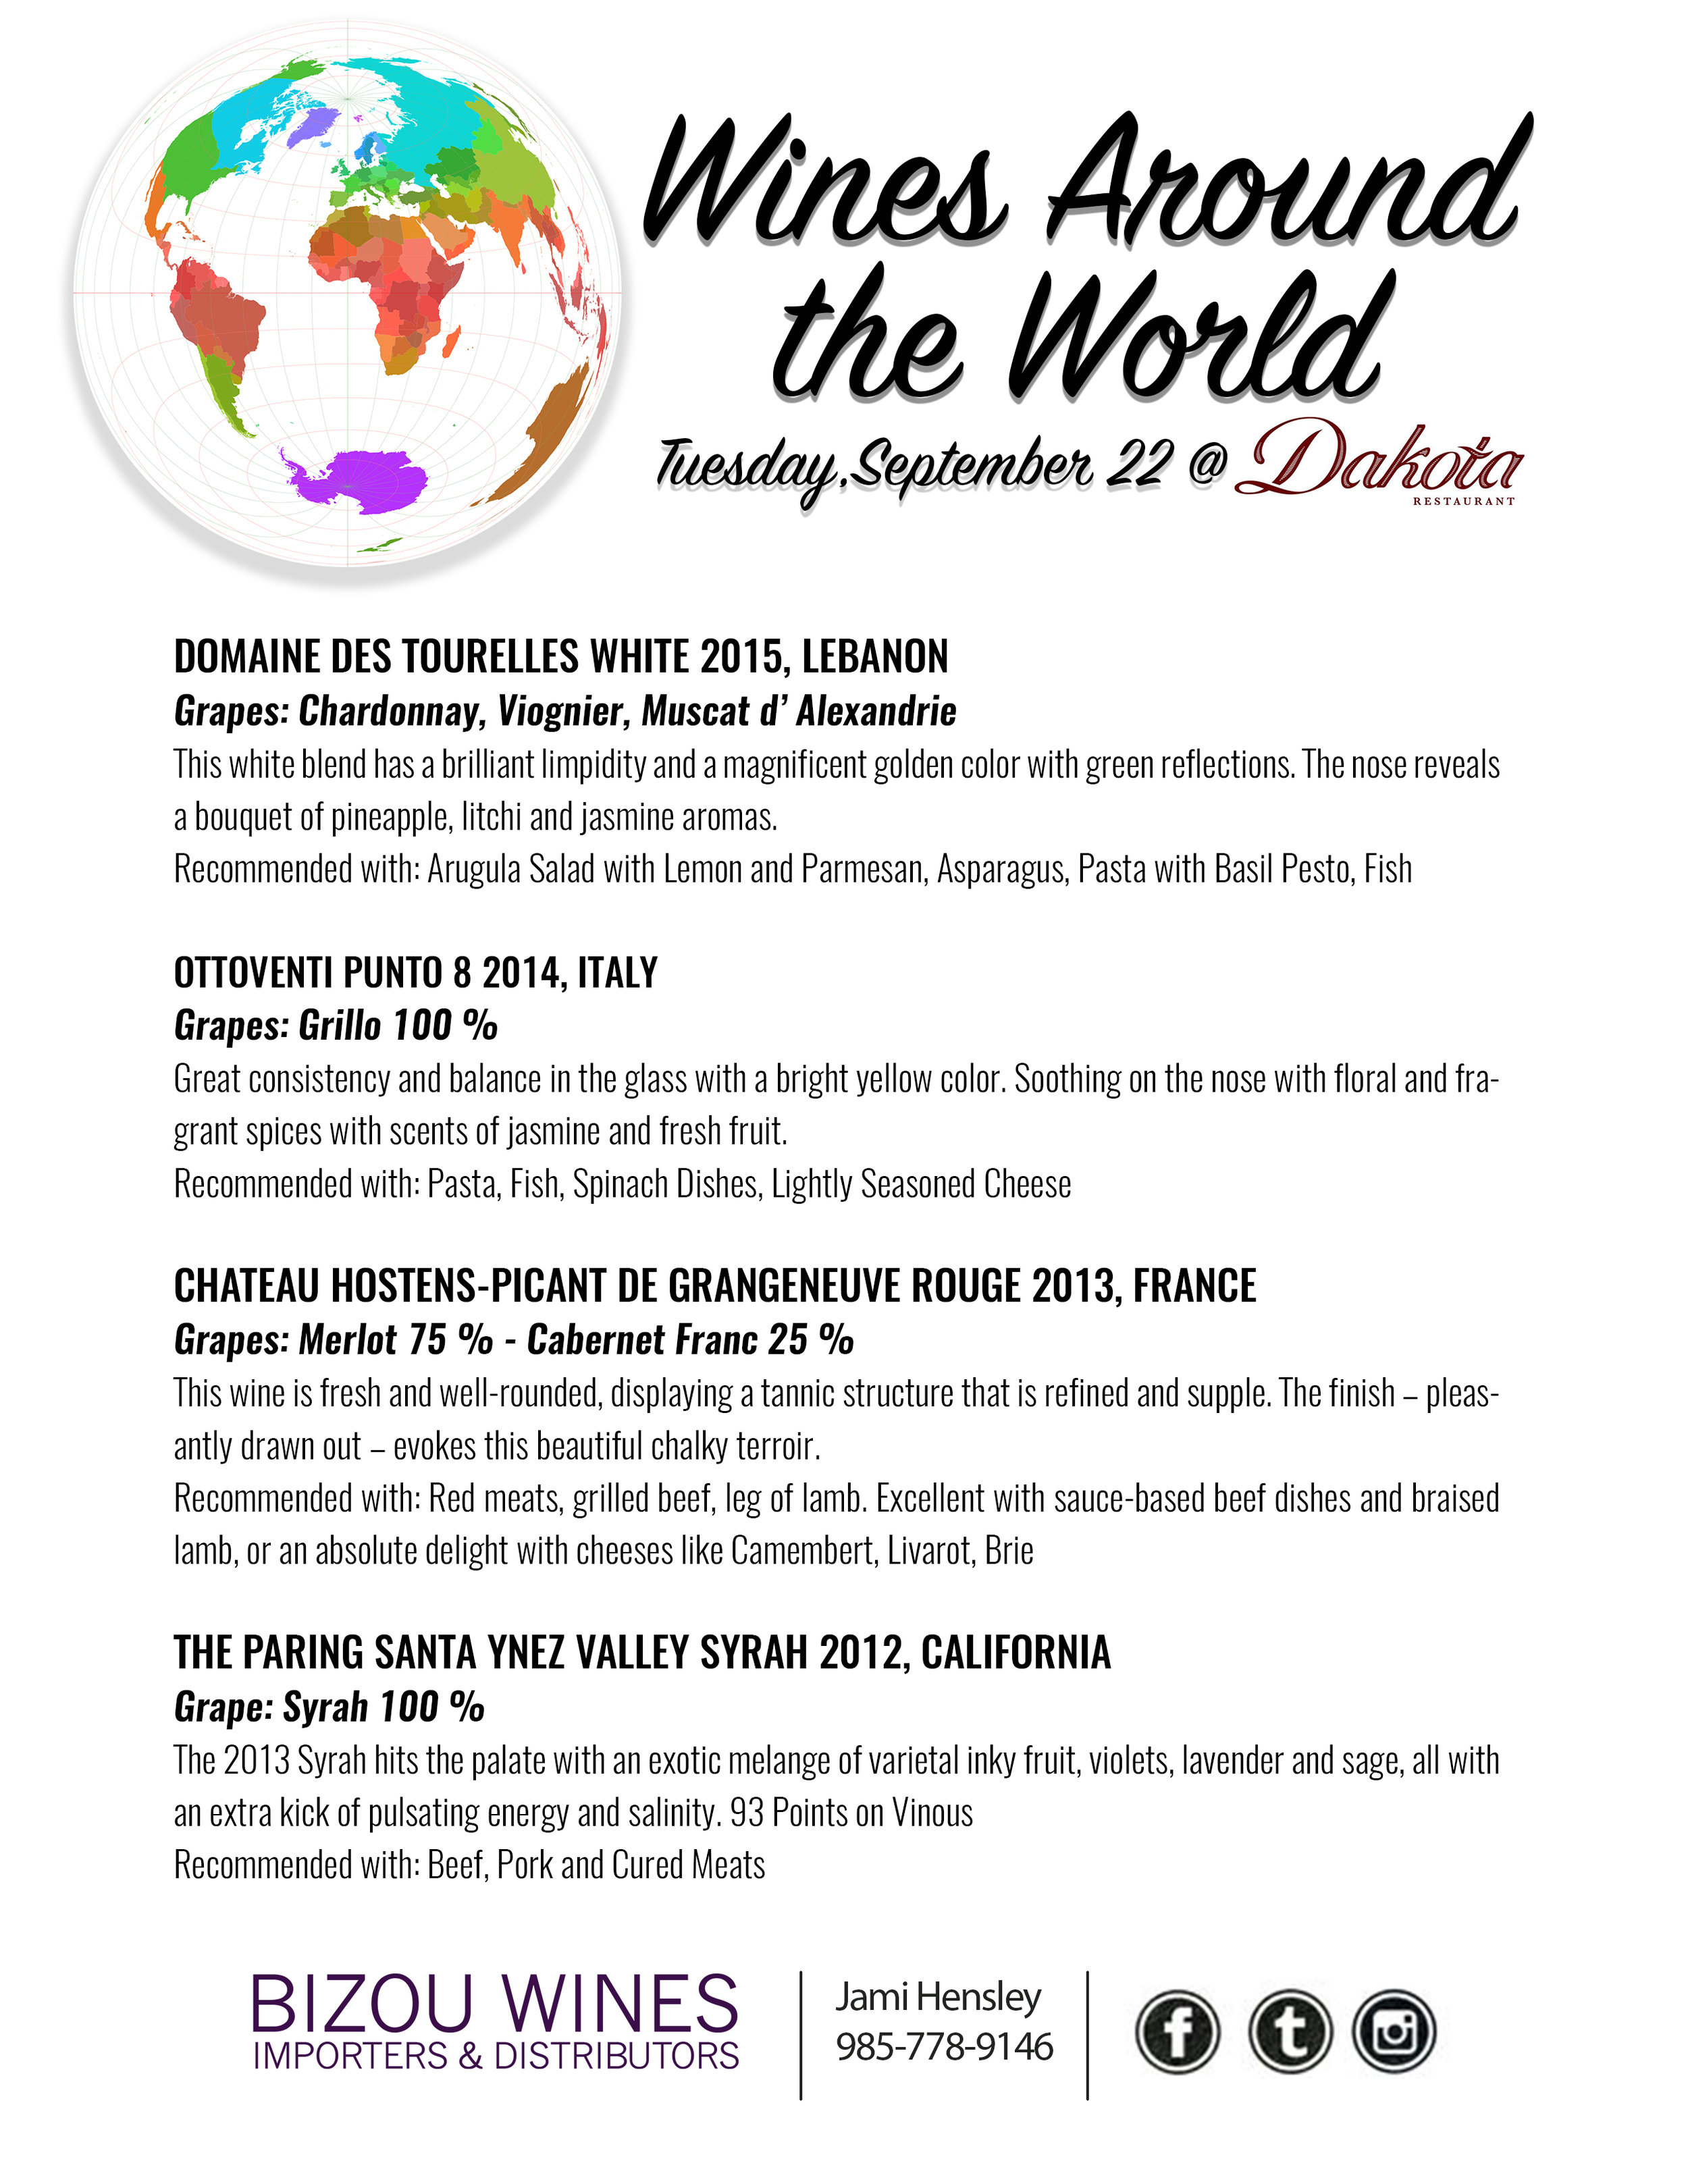 Dakota-wines-around-the-world